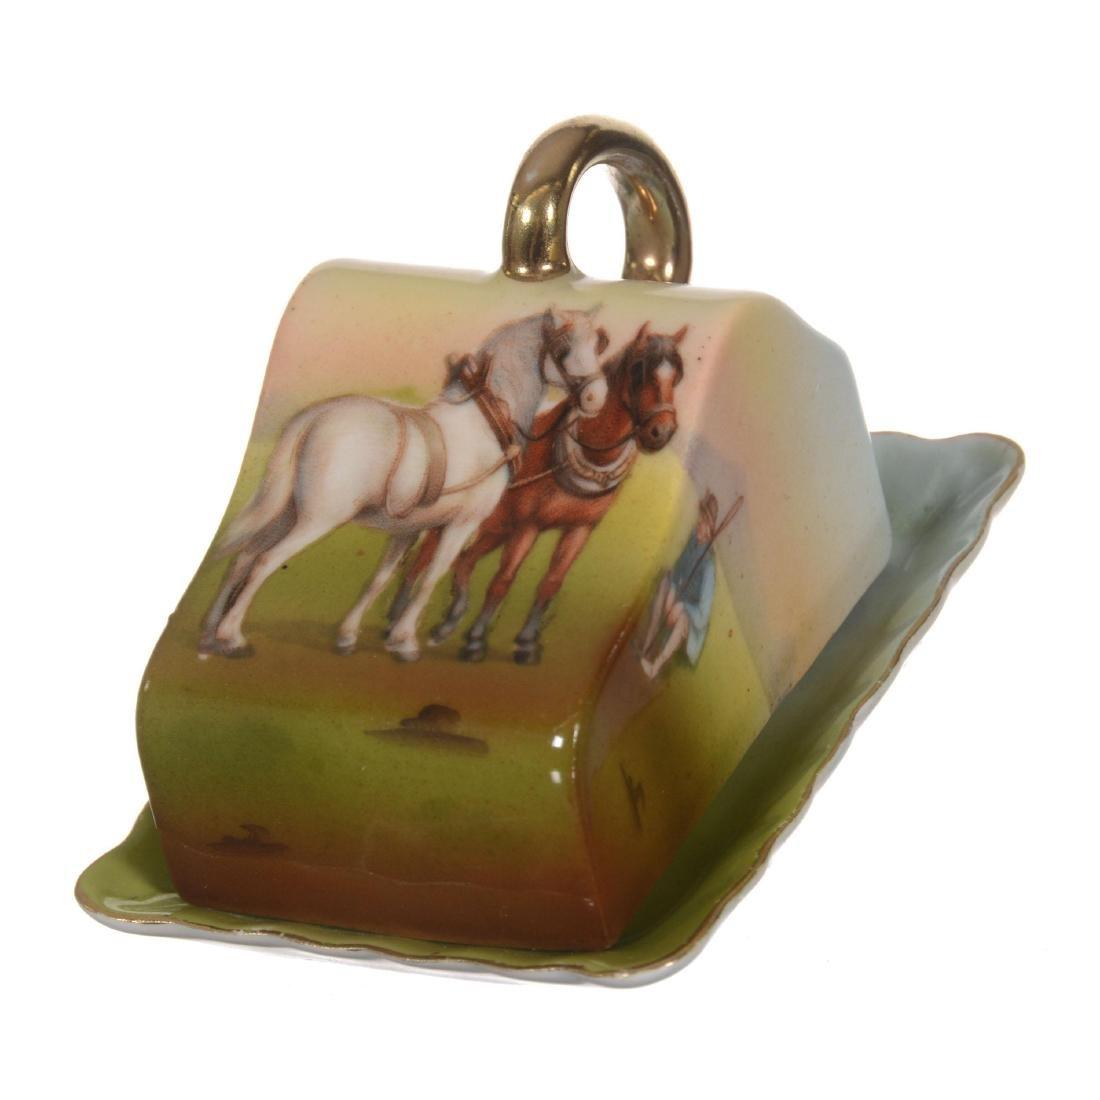 Royal Bayreuth Miniature Cheese Dish